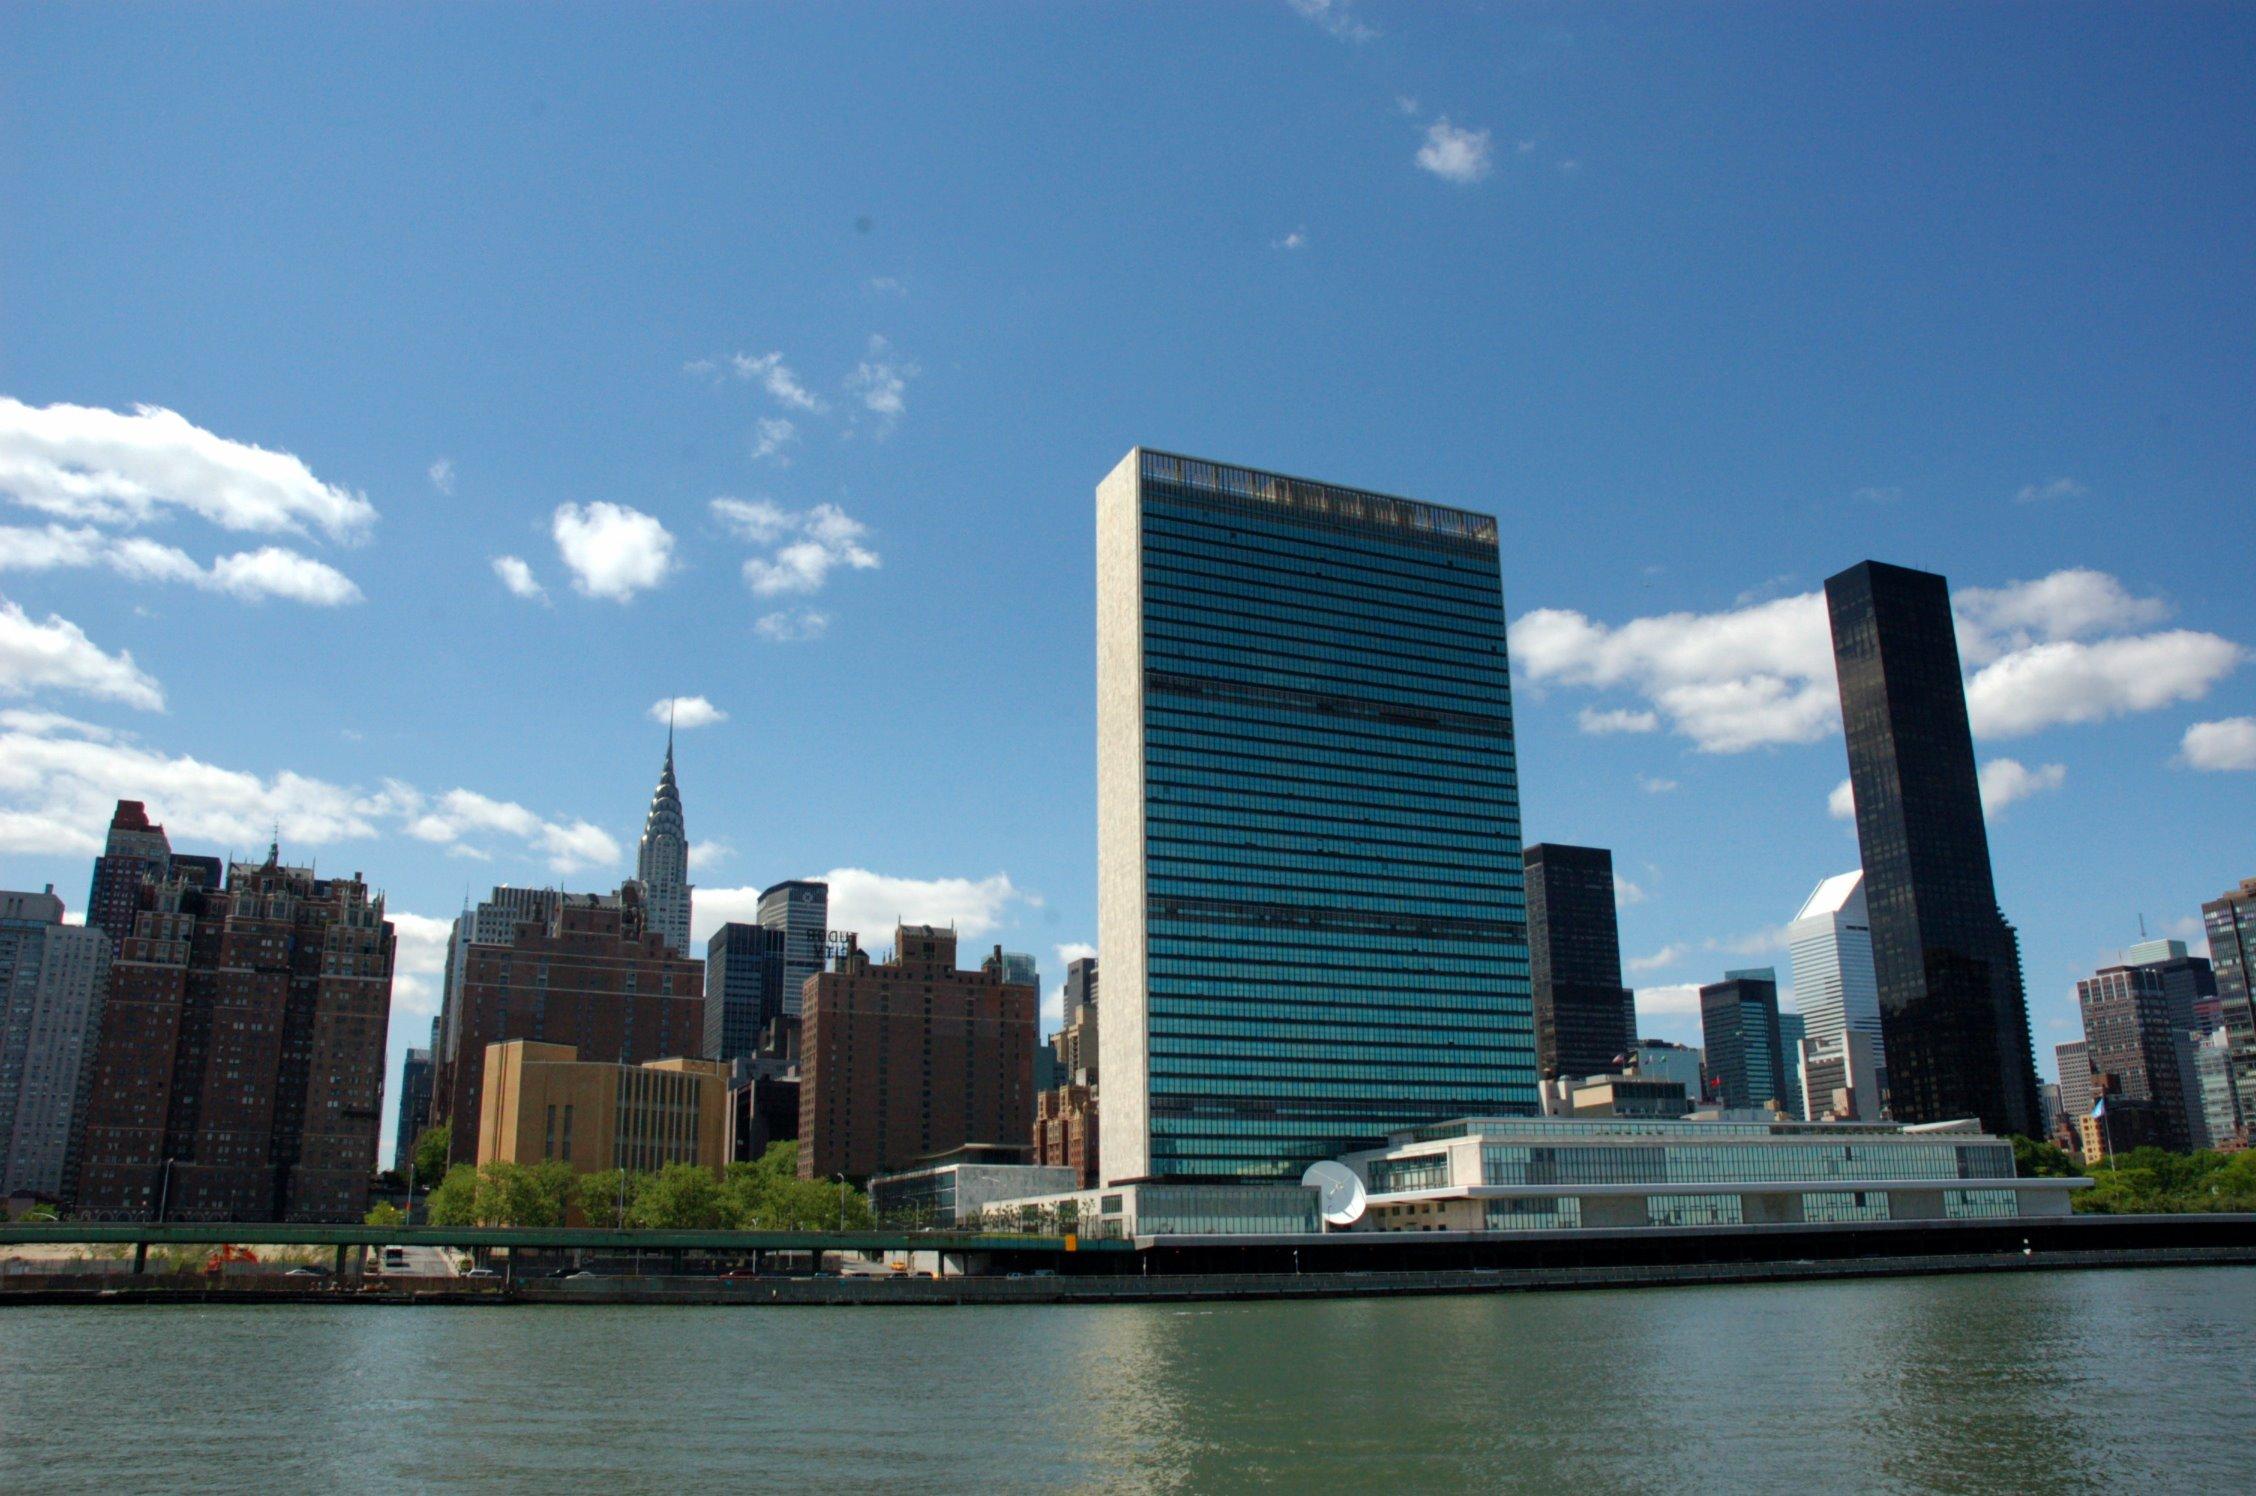 https://upload.wikimedia.org/wikipedia/commons/2/22/United_Nations_Chrysler_river.jpg